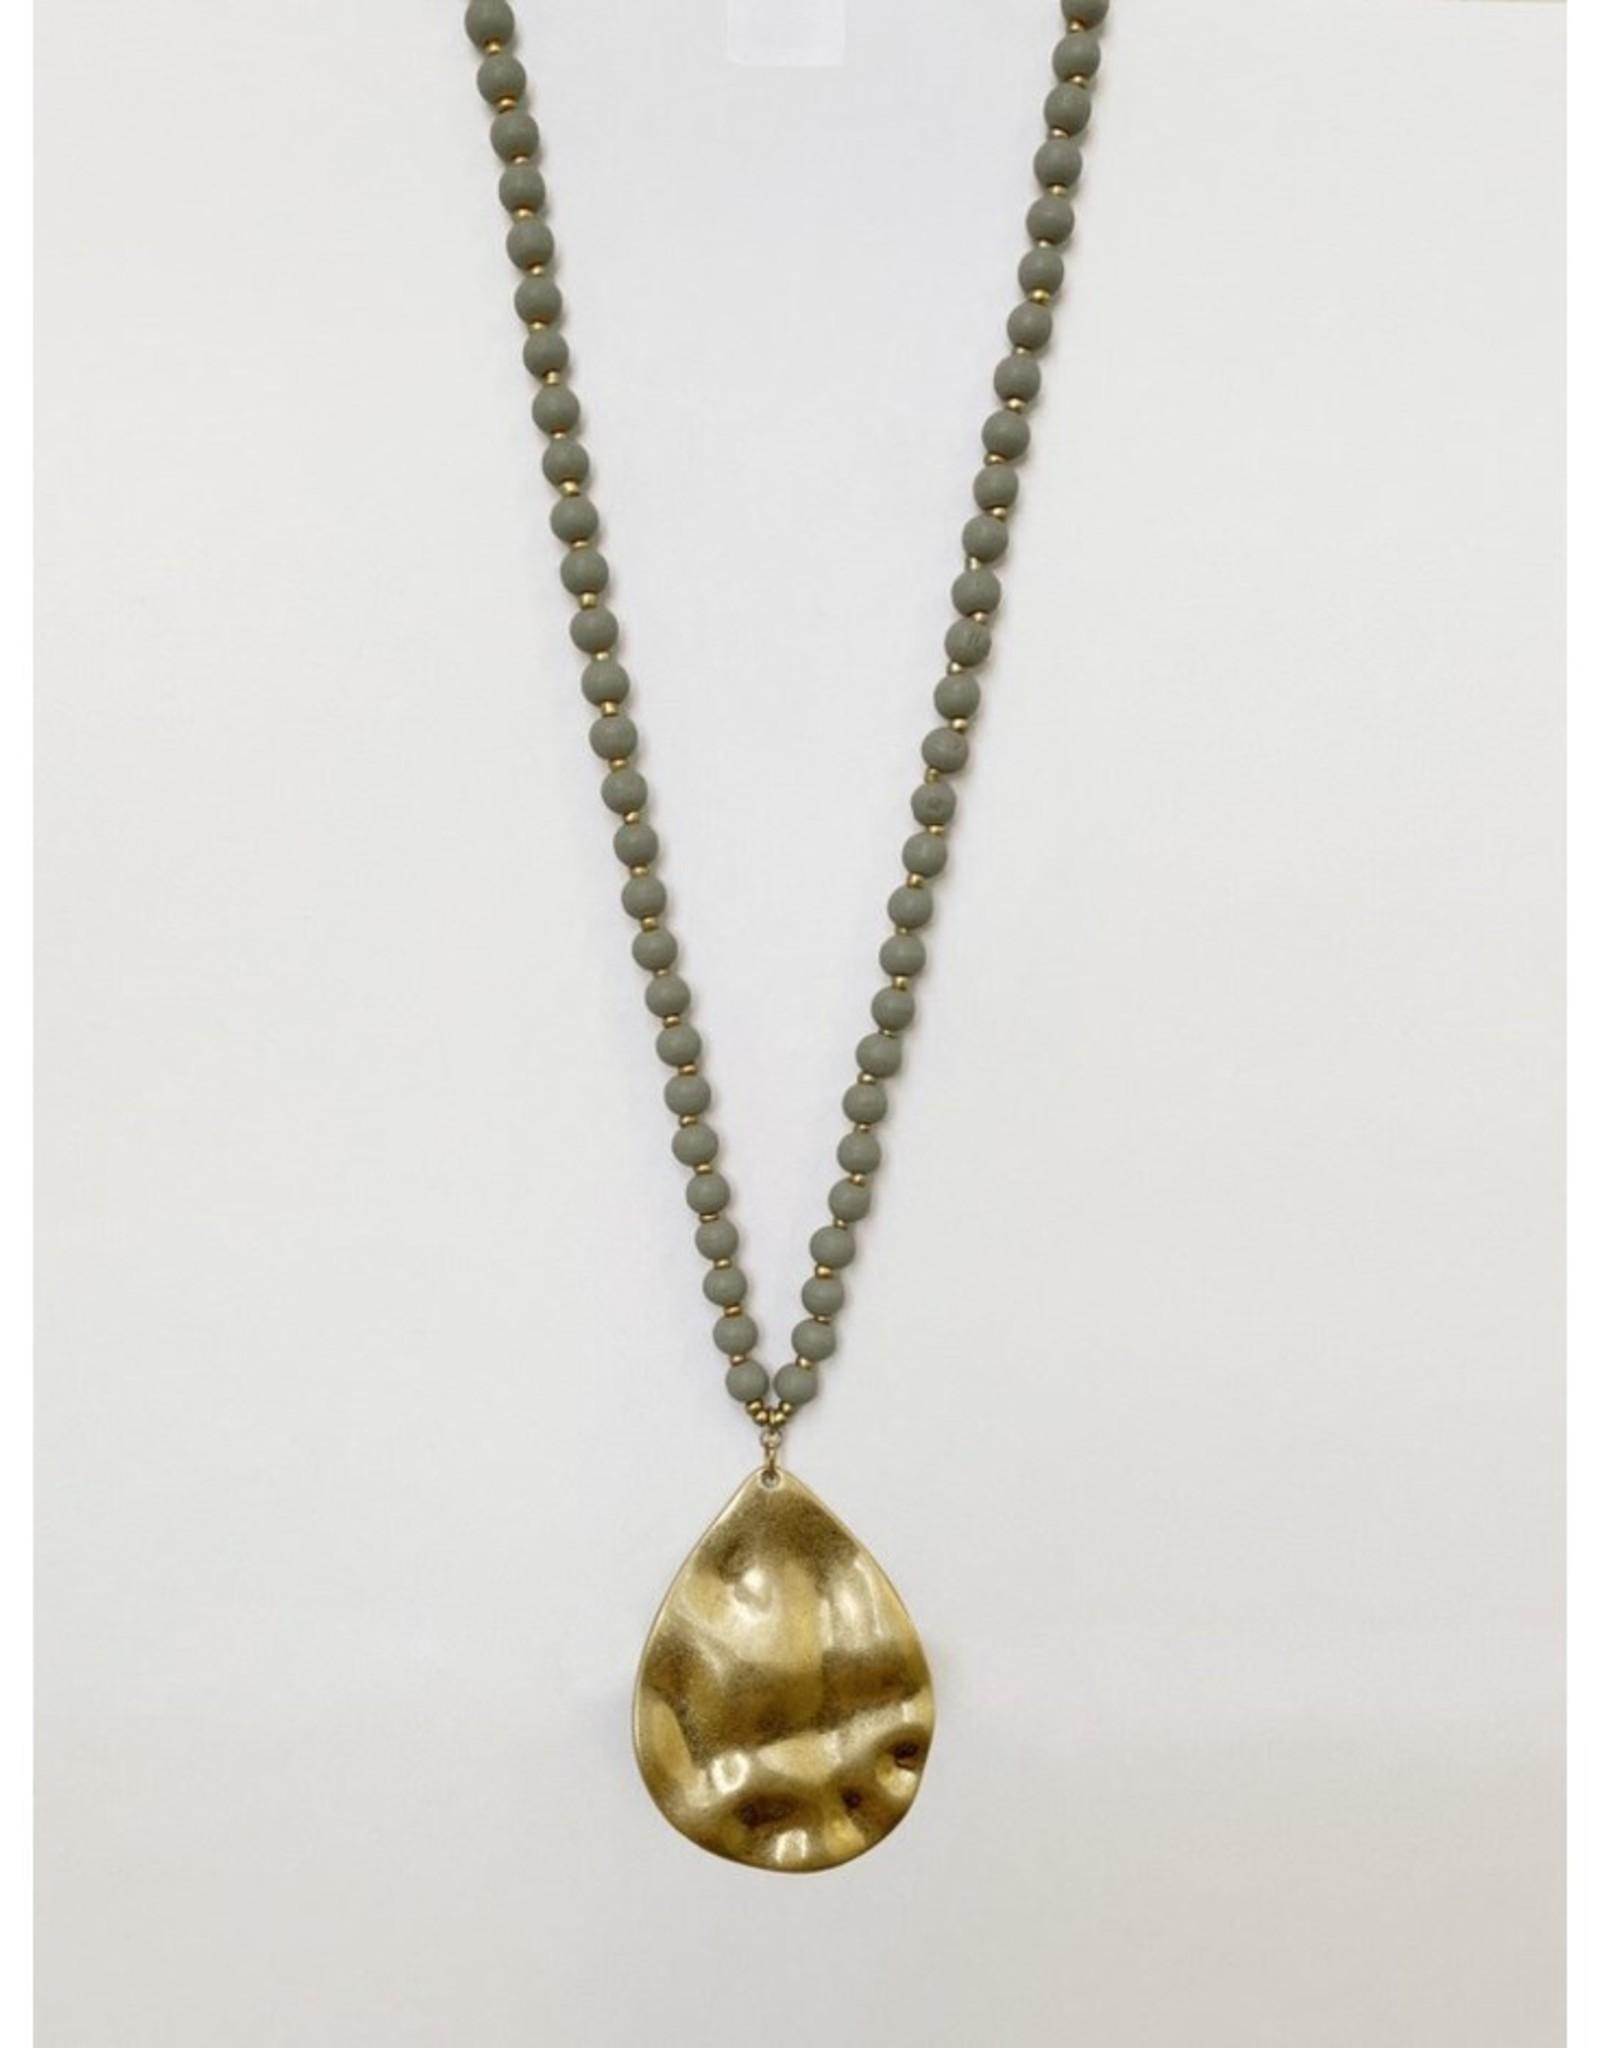 Collier long avec billes de bois et pendatif métallique au fini usé-gris/or